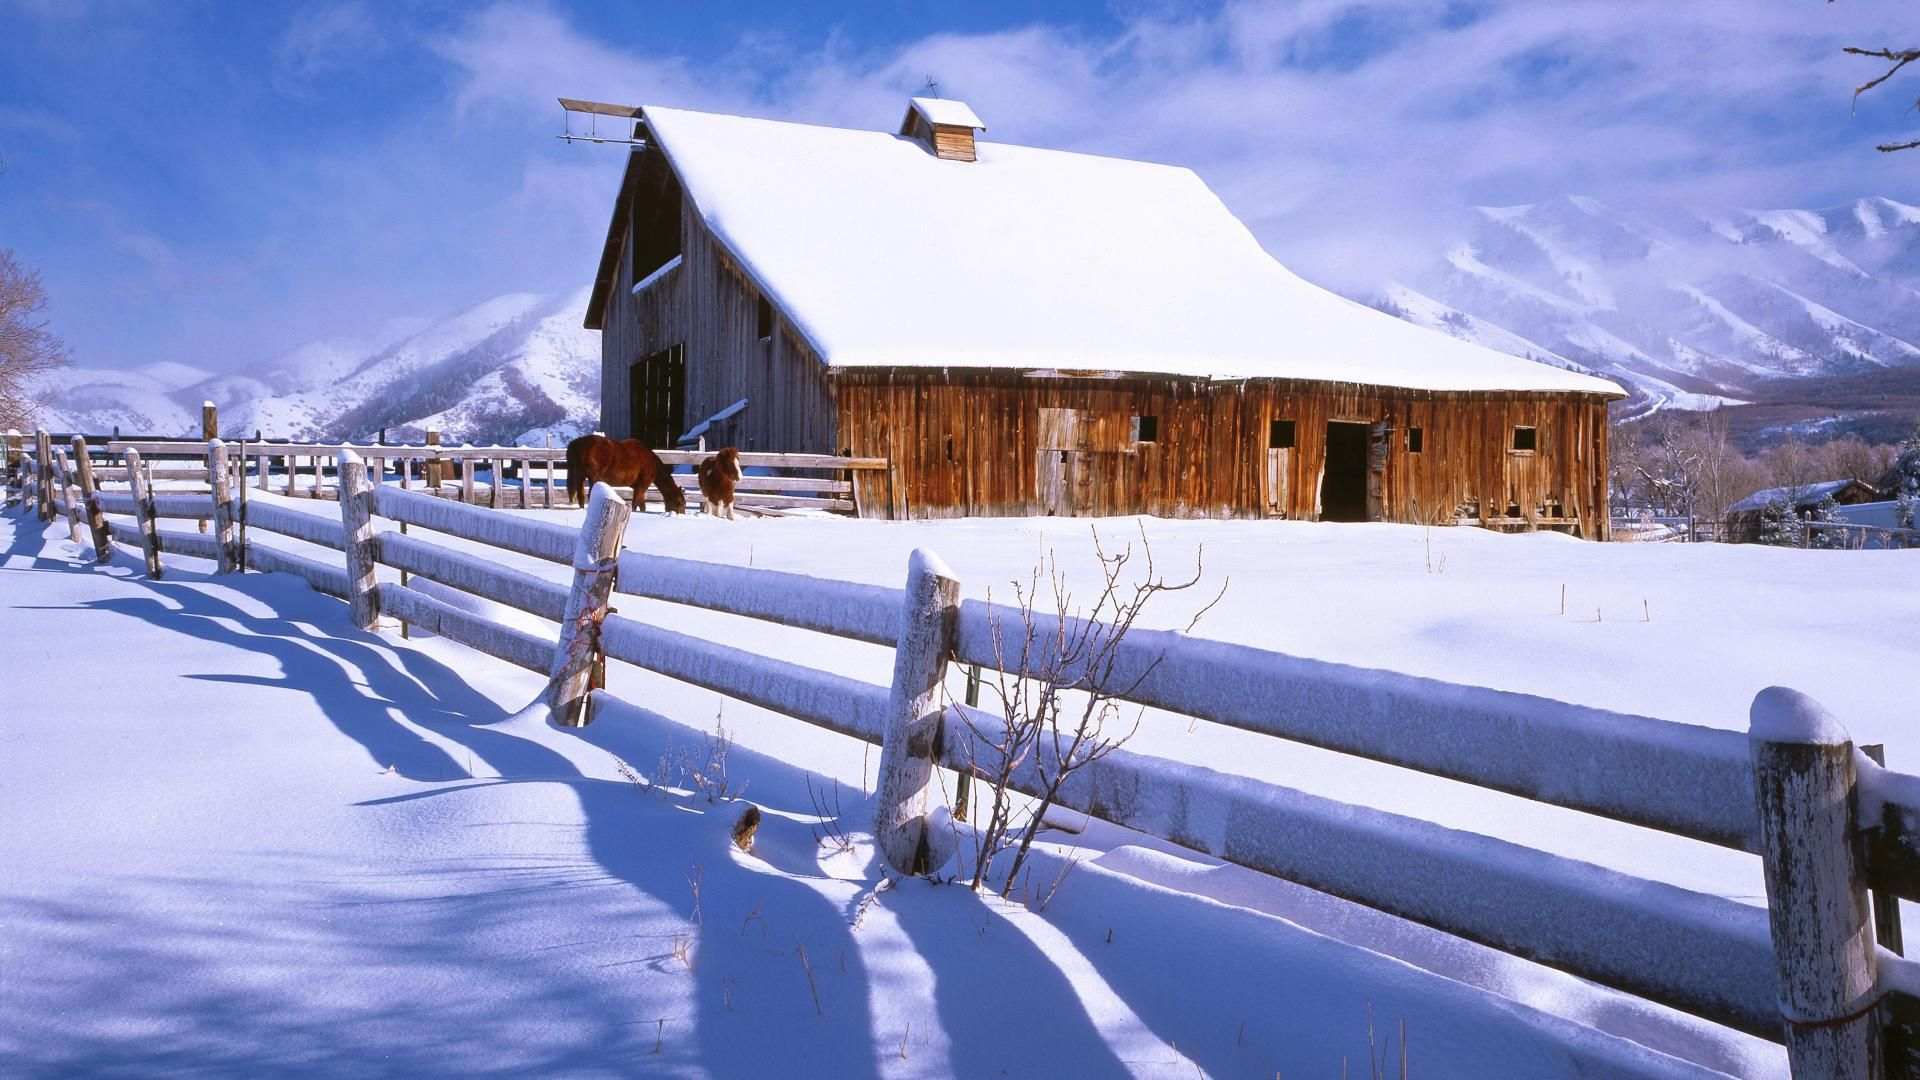 Winter Wallpaper Barn